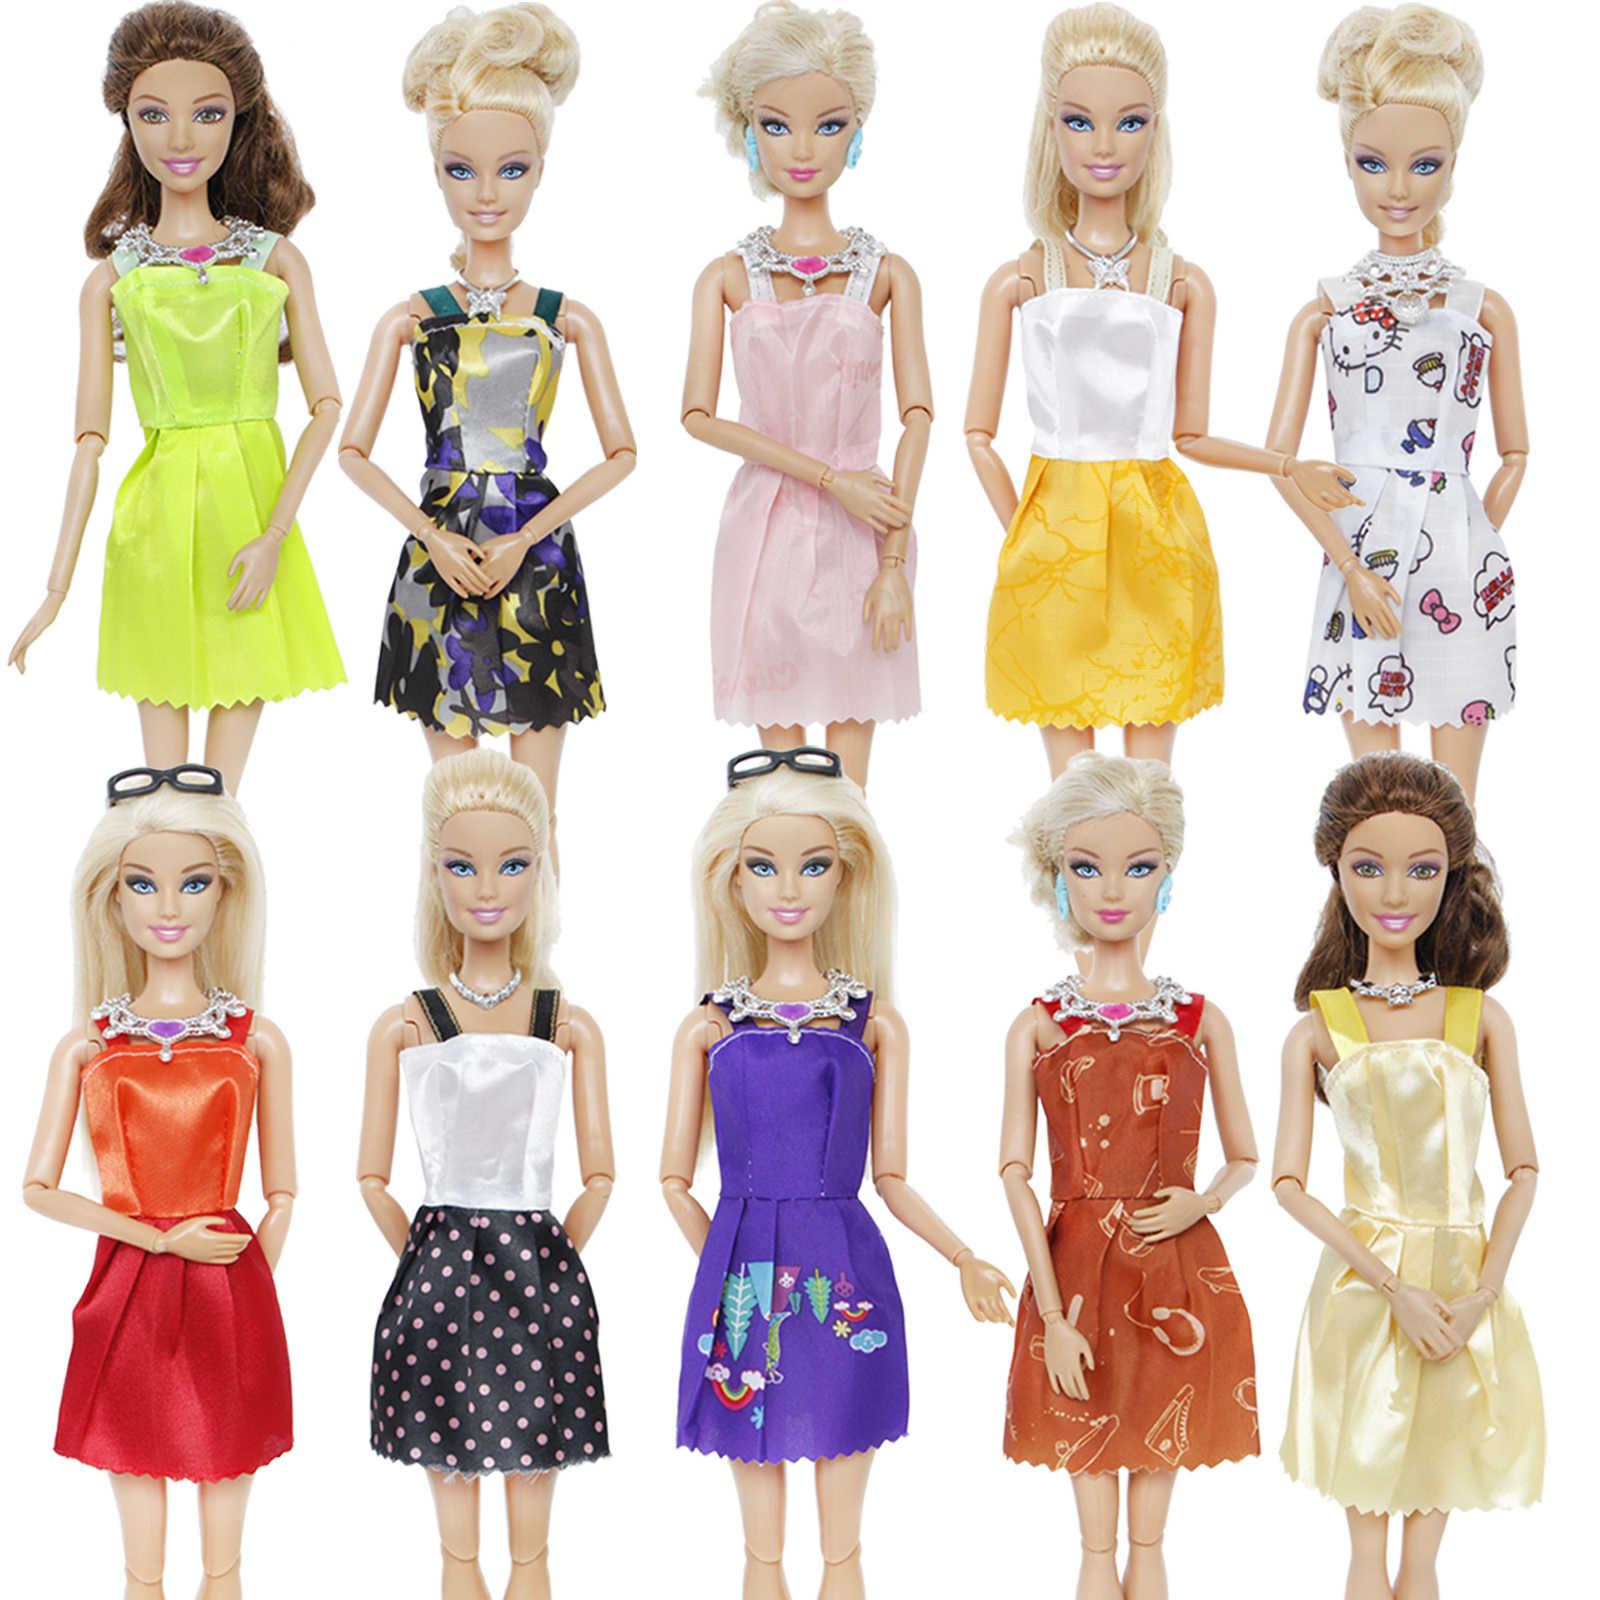 ランダム 18 個 = 12x 混合スタイルミニパーティードレス + 6x プラスチックファッションネックレススカートアクセサリー服バービー人形